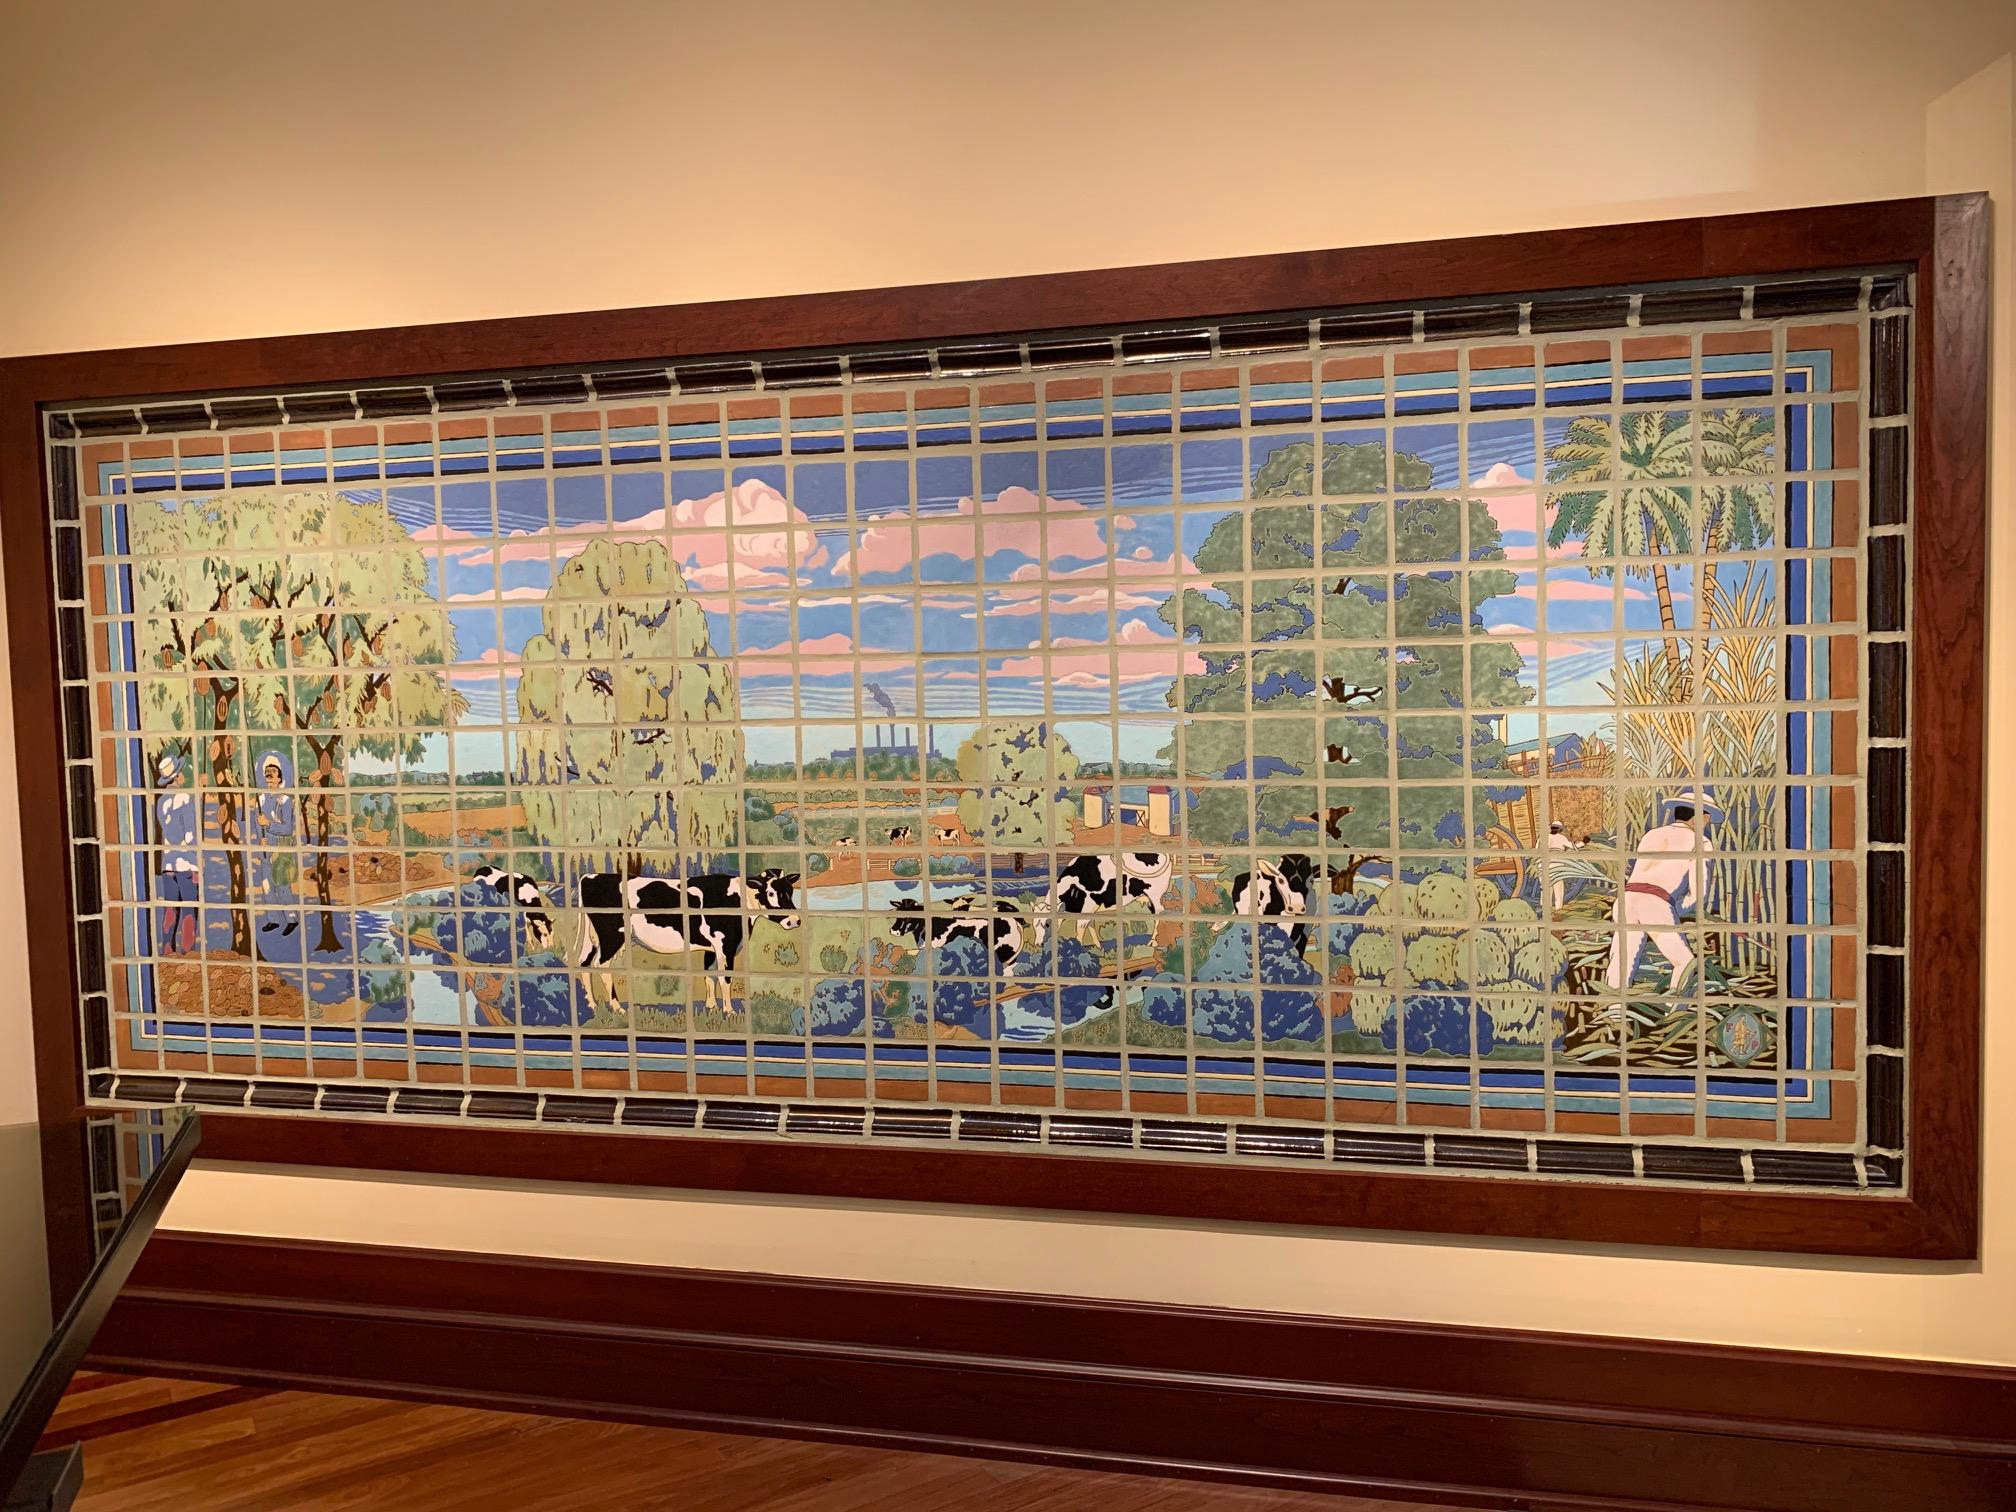 Hershey Musuem Tile Art  Gift Shop.jpg